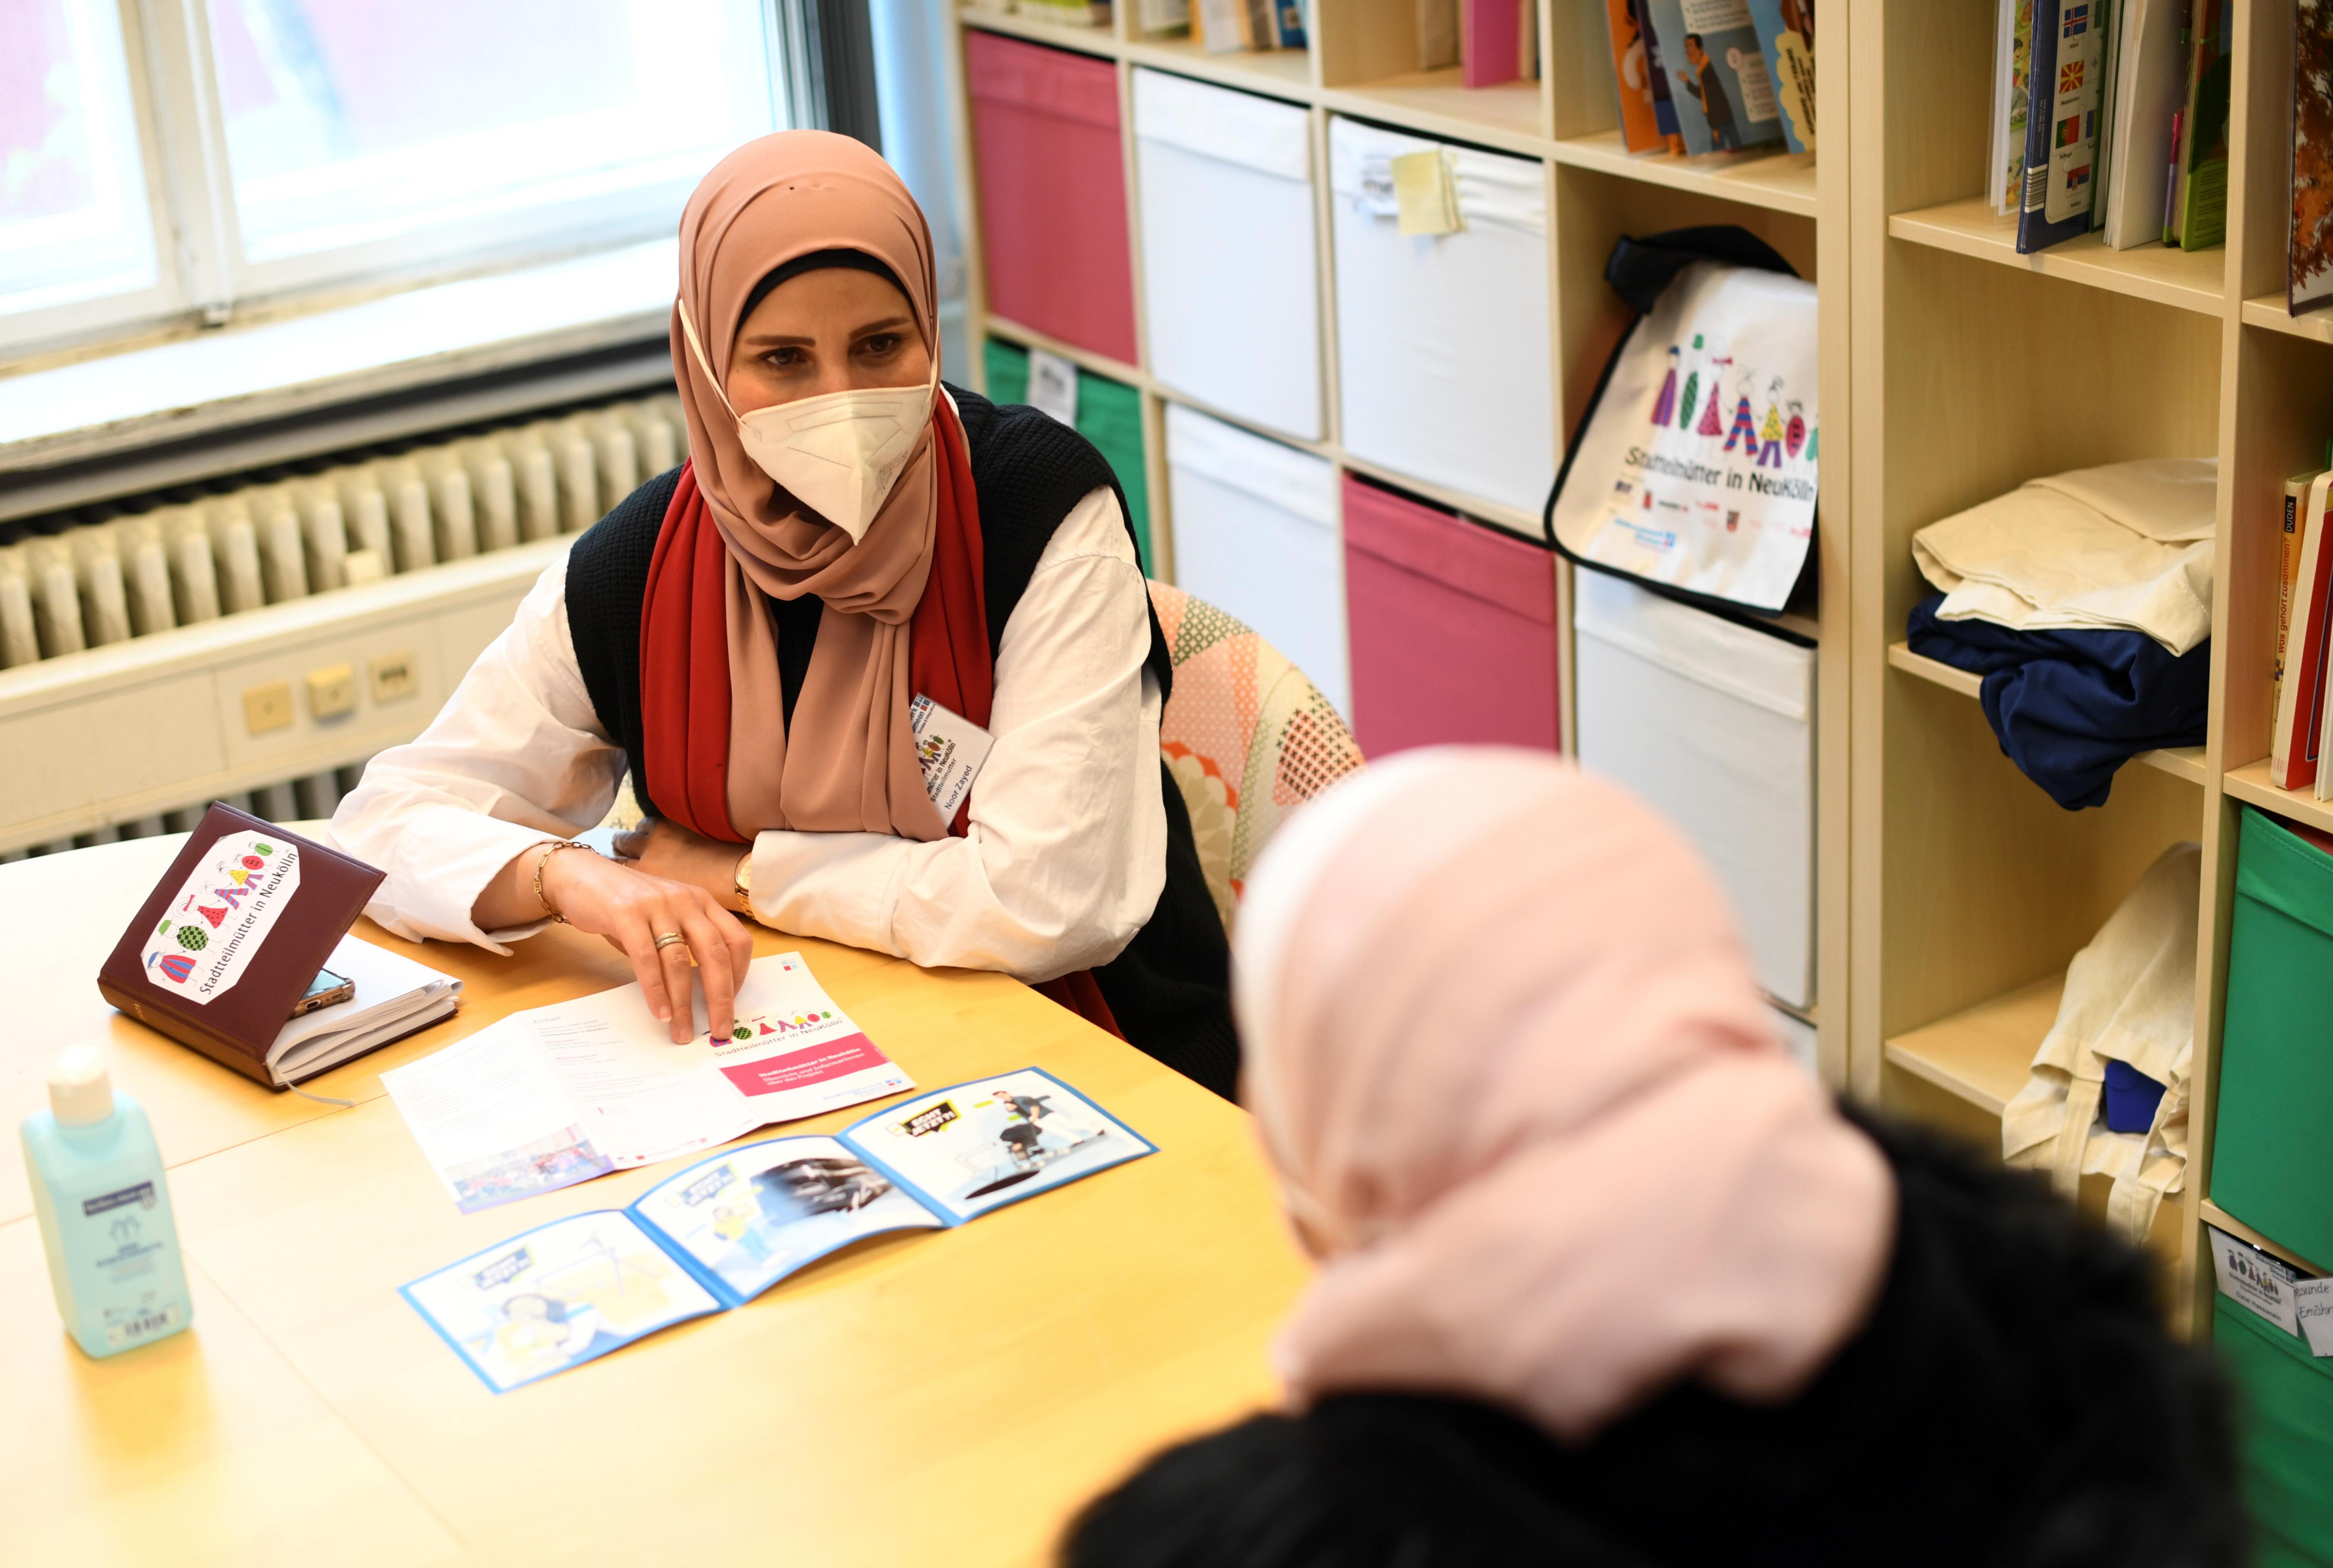 الأخصائية الاجتماعية نور زايد من مشروع Stadtteilmuetter لإدماج المهاجرين الذي تديره جمعية خيرية بروتستانتية دياكوني تتحدث إلى أم وجيه ، وهي أم سورية لطفلين ، في حي نويكولن في برلين ، 4 مايو 2021. تم التقاط الصورة في 4 مايو 2021. REUTERS / Annegret Hilse